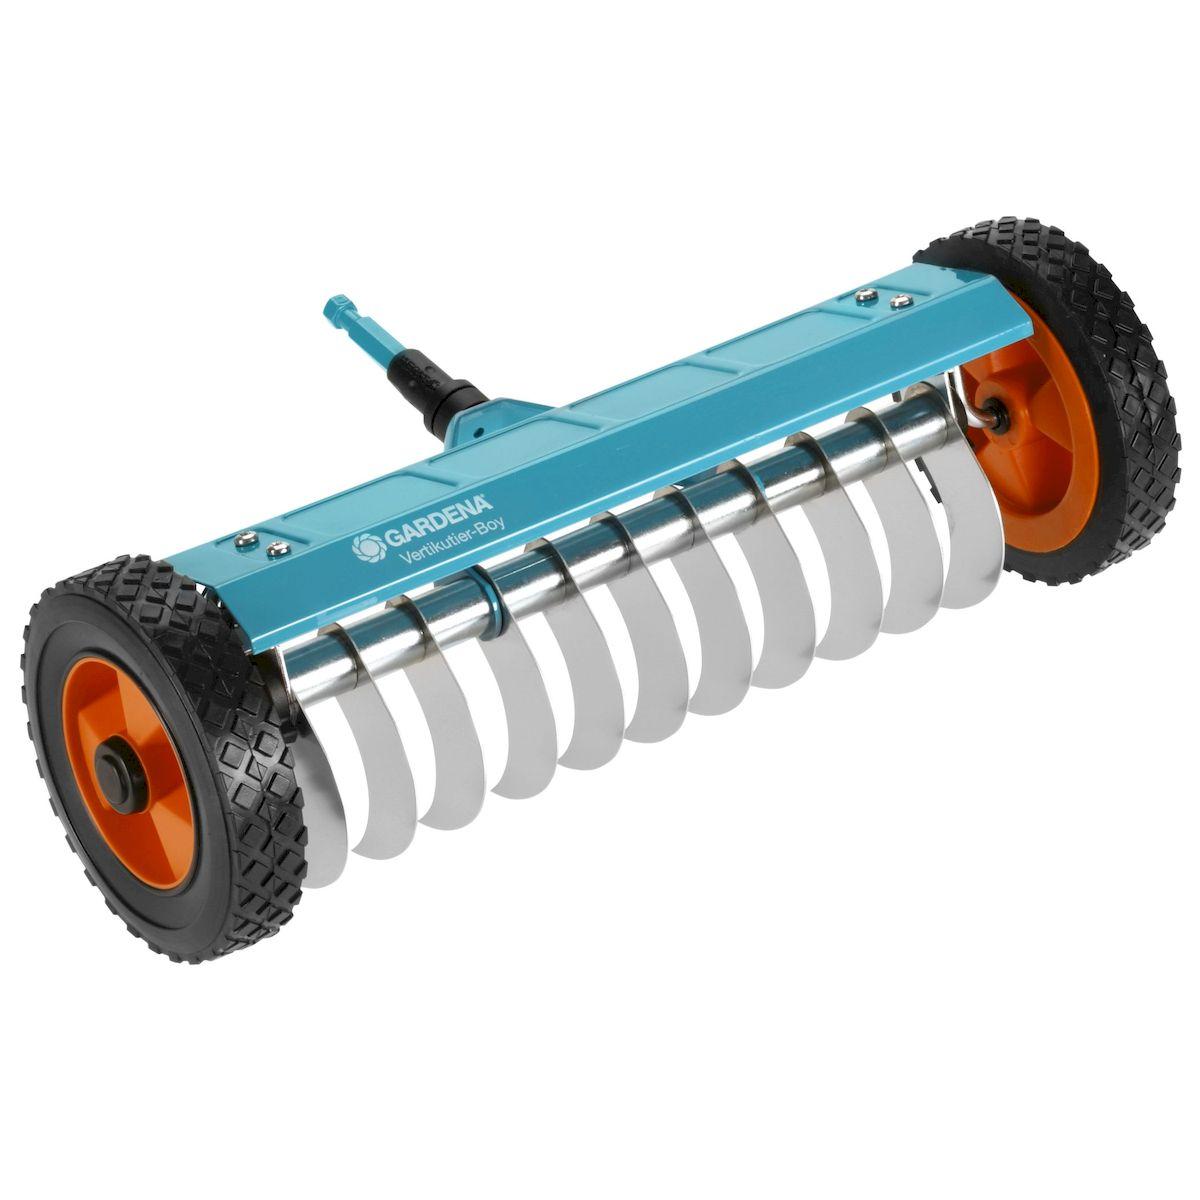 Прореживатель на колесах Gardena03395-20.000.00Прореживатель на колесах Gardena позволяет удалять мох, сорняки и отмершую траву с участка, улучшая тем самым восприимчивость почвы к воздуху, воде и питательным веществам. Специальные зубья с гладким торцом из высококачественной нержавеющей пружинной стали легко проникают в почву на незначительную глубину и удаляют нежелательную отмершую траву и солому. Удобство работы прореживателем повышается за счет надежных колес, снабженных специальными протекторами, а также вспомогательной опоры. Прореживатель на колесах можно использовать с любой ручкой, однако рекомендуется использовать ручку длиной 180 см, в зависимости от роста пользователя. Рабочая ширина - 32 см.